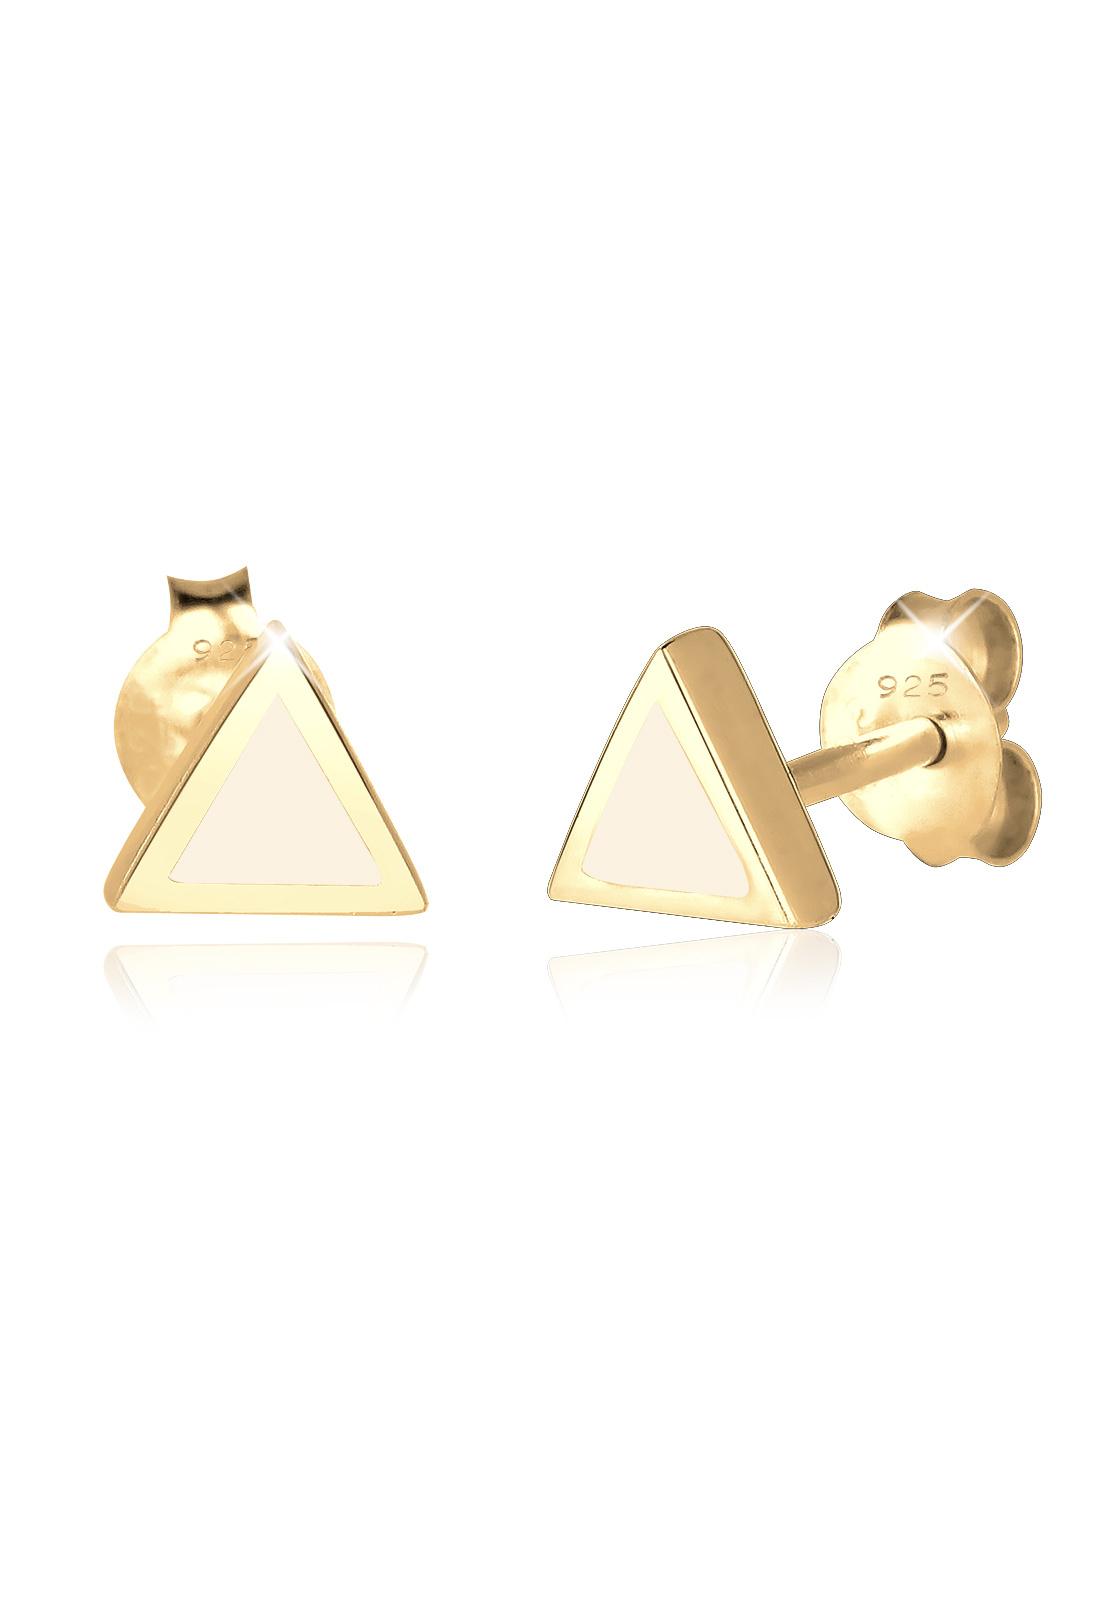 Ohrstecker Dreieck | 925 Sterling Silber vergoldet